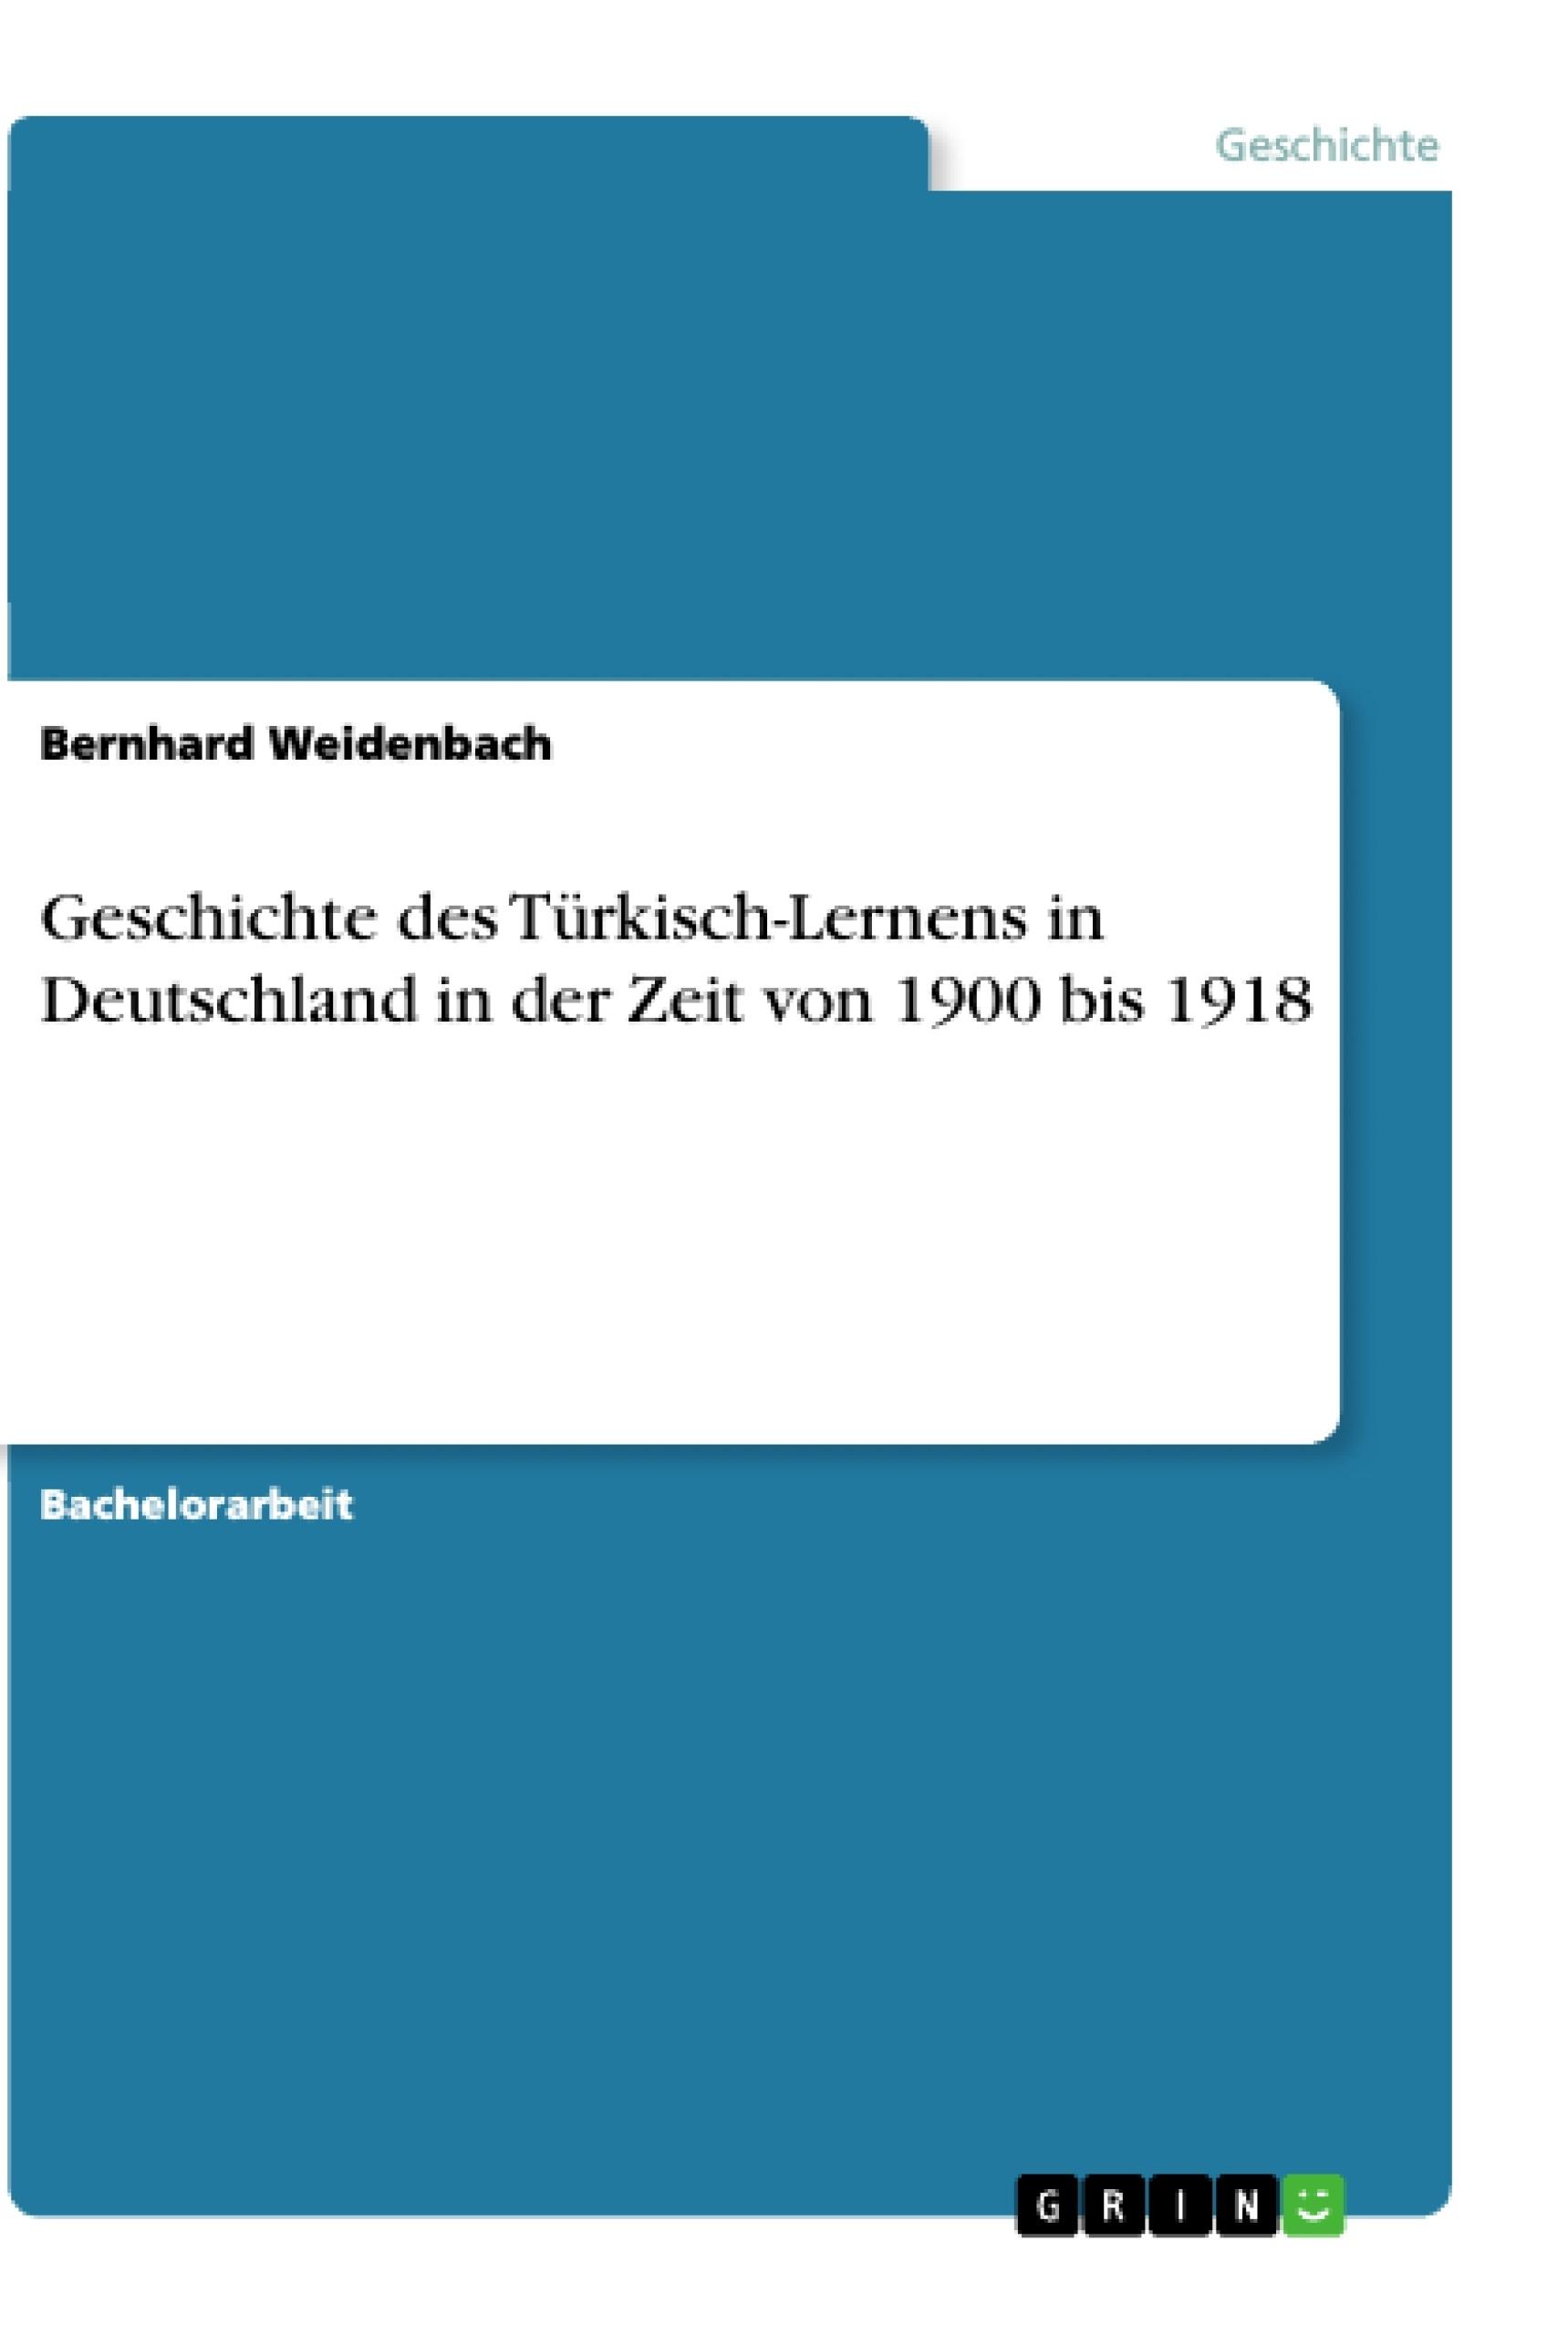 Titel: Geschichte des Türkisch-Lernens in Deutschland in der Zeit von 1900 bis 1918